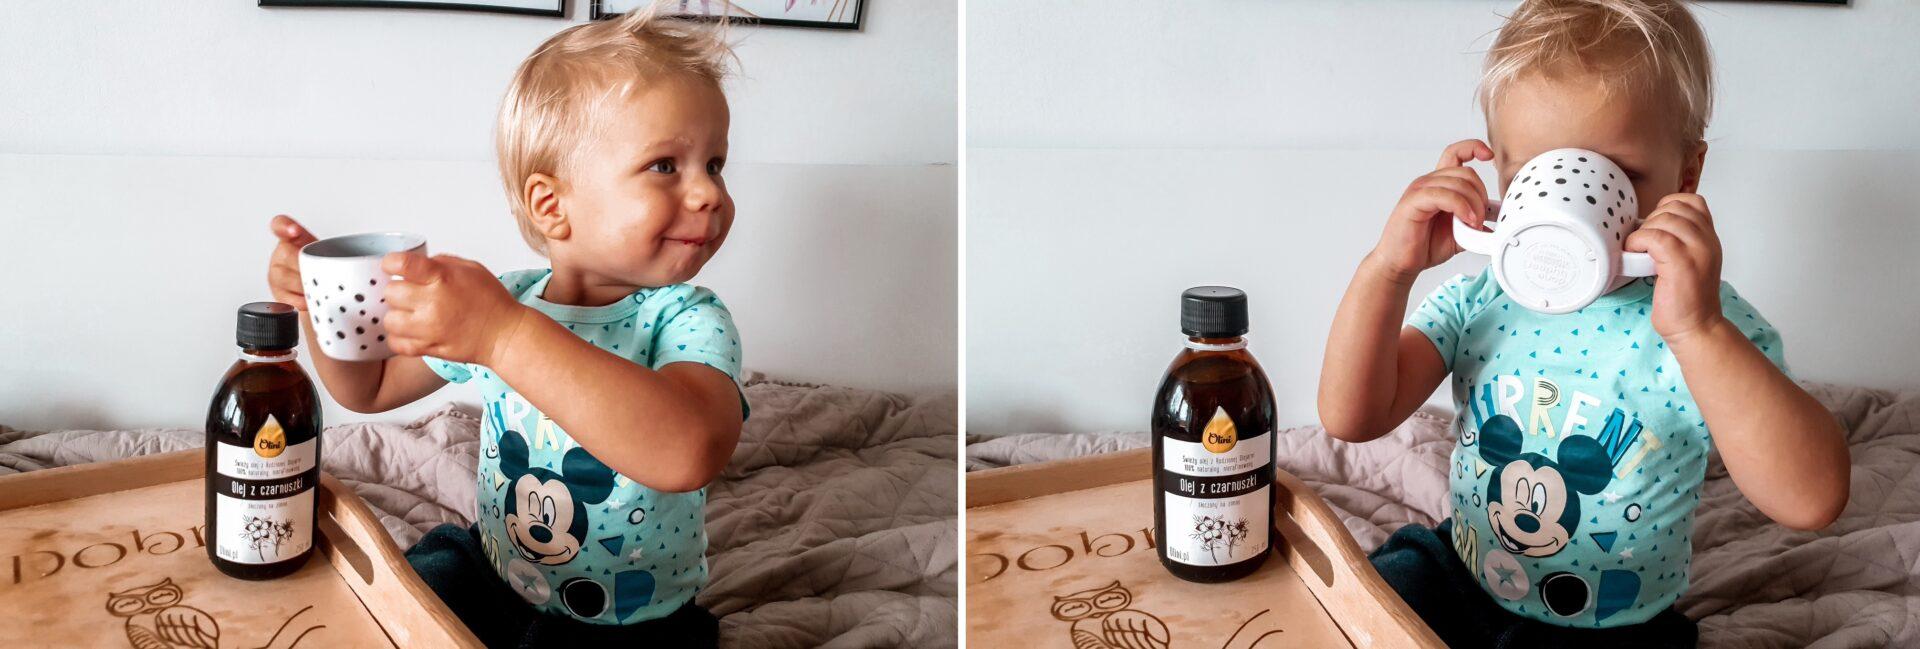 dlaczego warto stosować olej z czarnuszki u dzieci